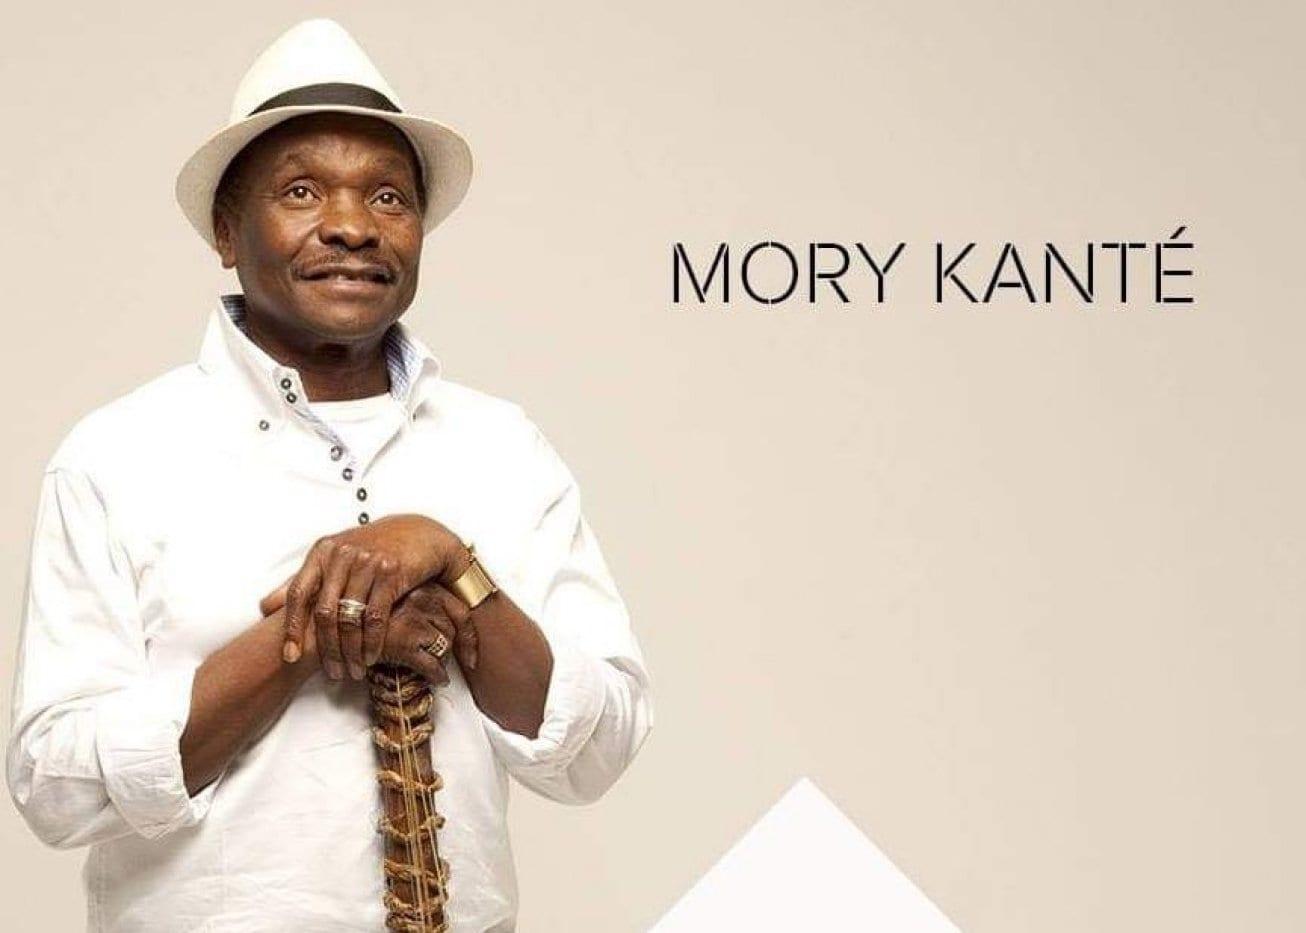 Qui est Mory Kanté, le chanteur et musicien guinéen surnommé le griot électrique ?